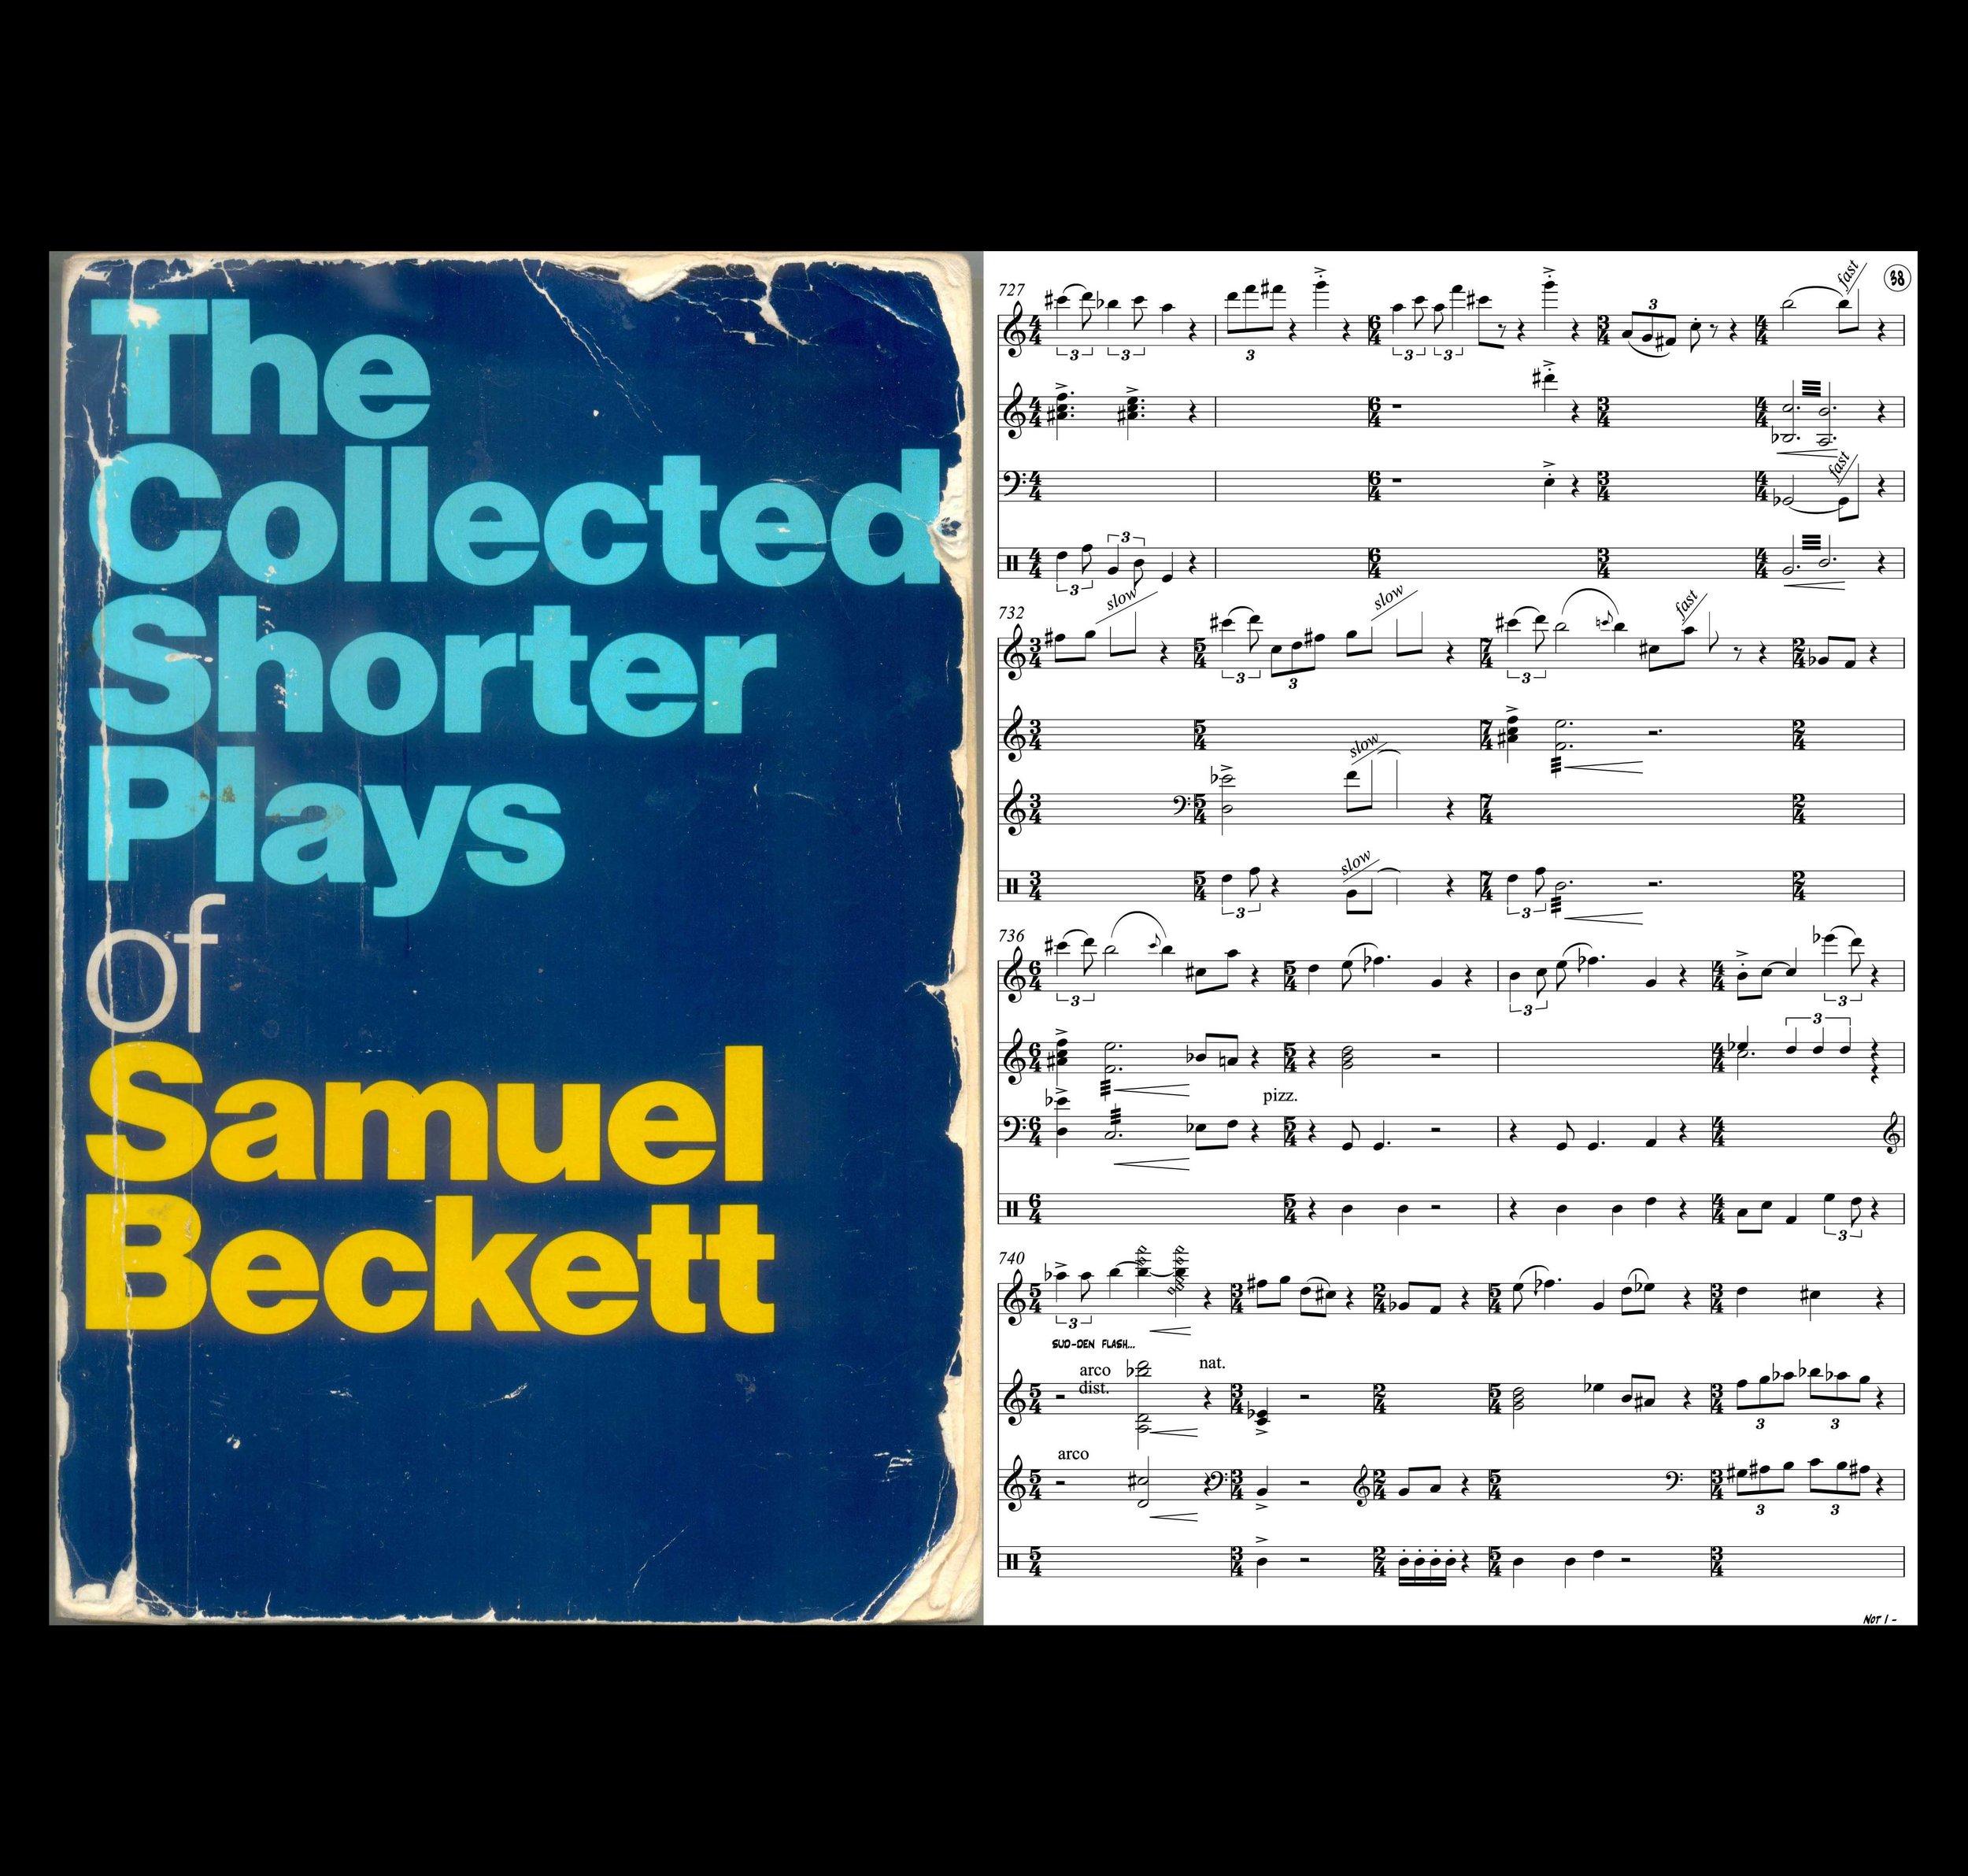 beckett-book-and-sheet-music_edited-1.jpg